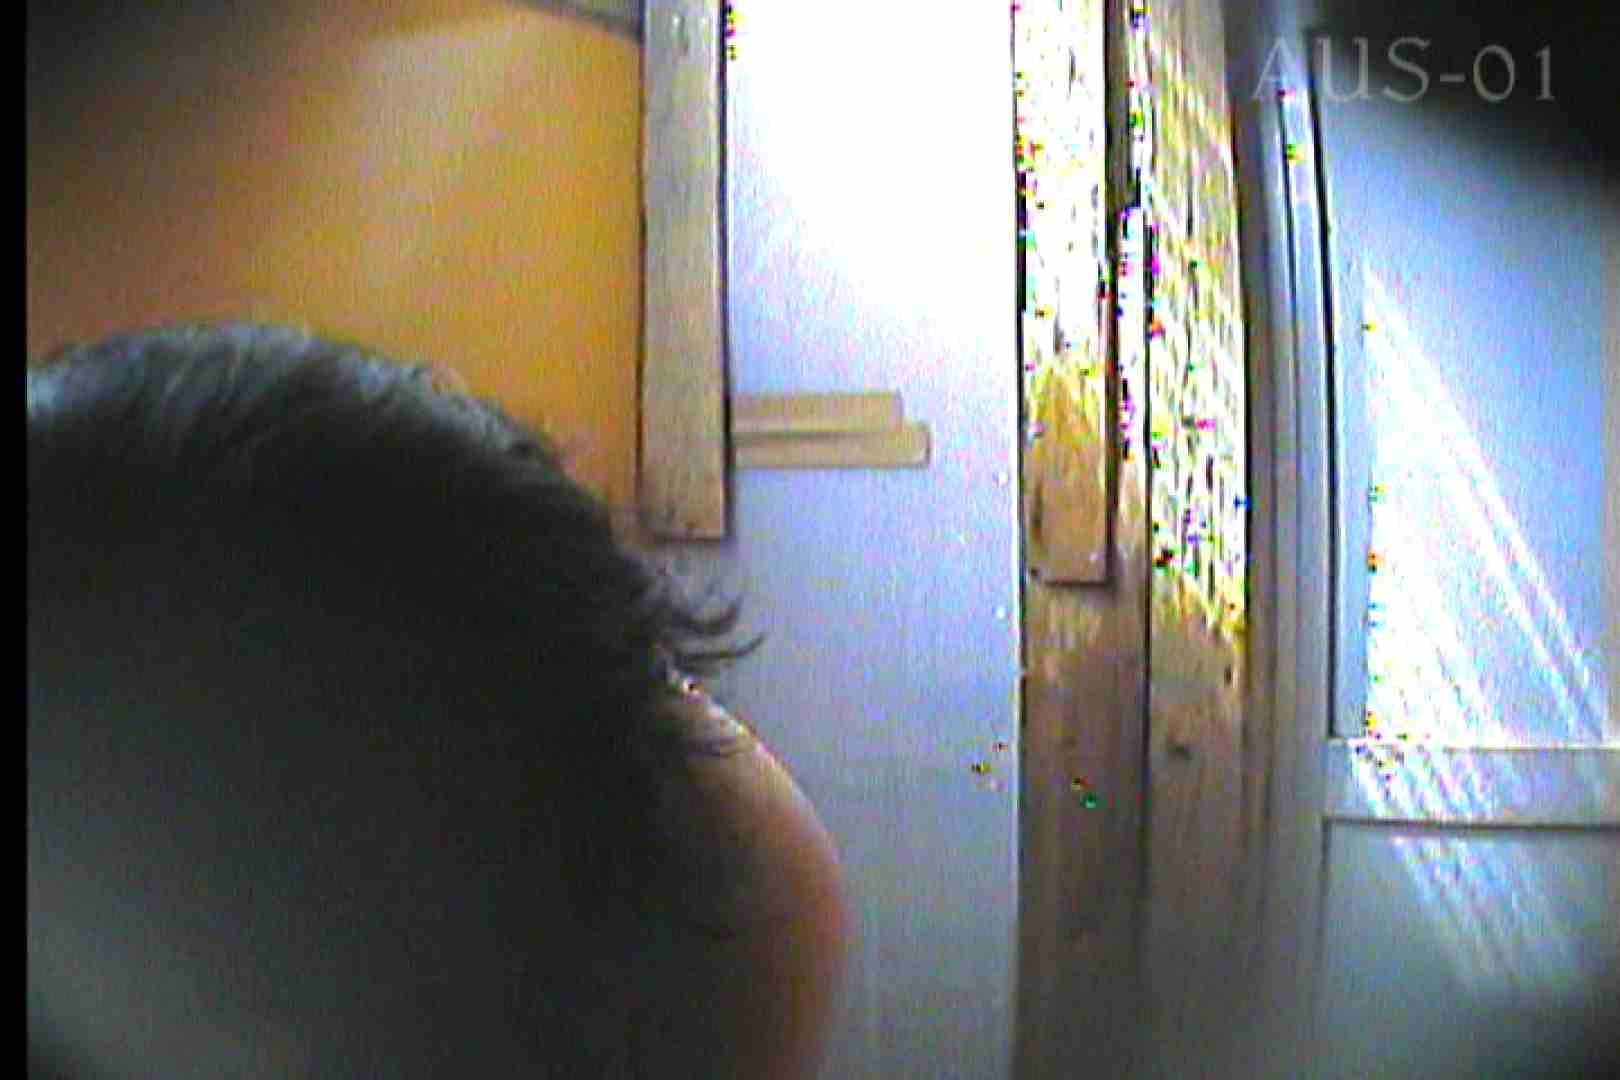 海の家の更衣室 Vol.03 シャワー室 エロ画像 82画像 34